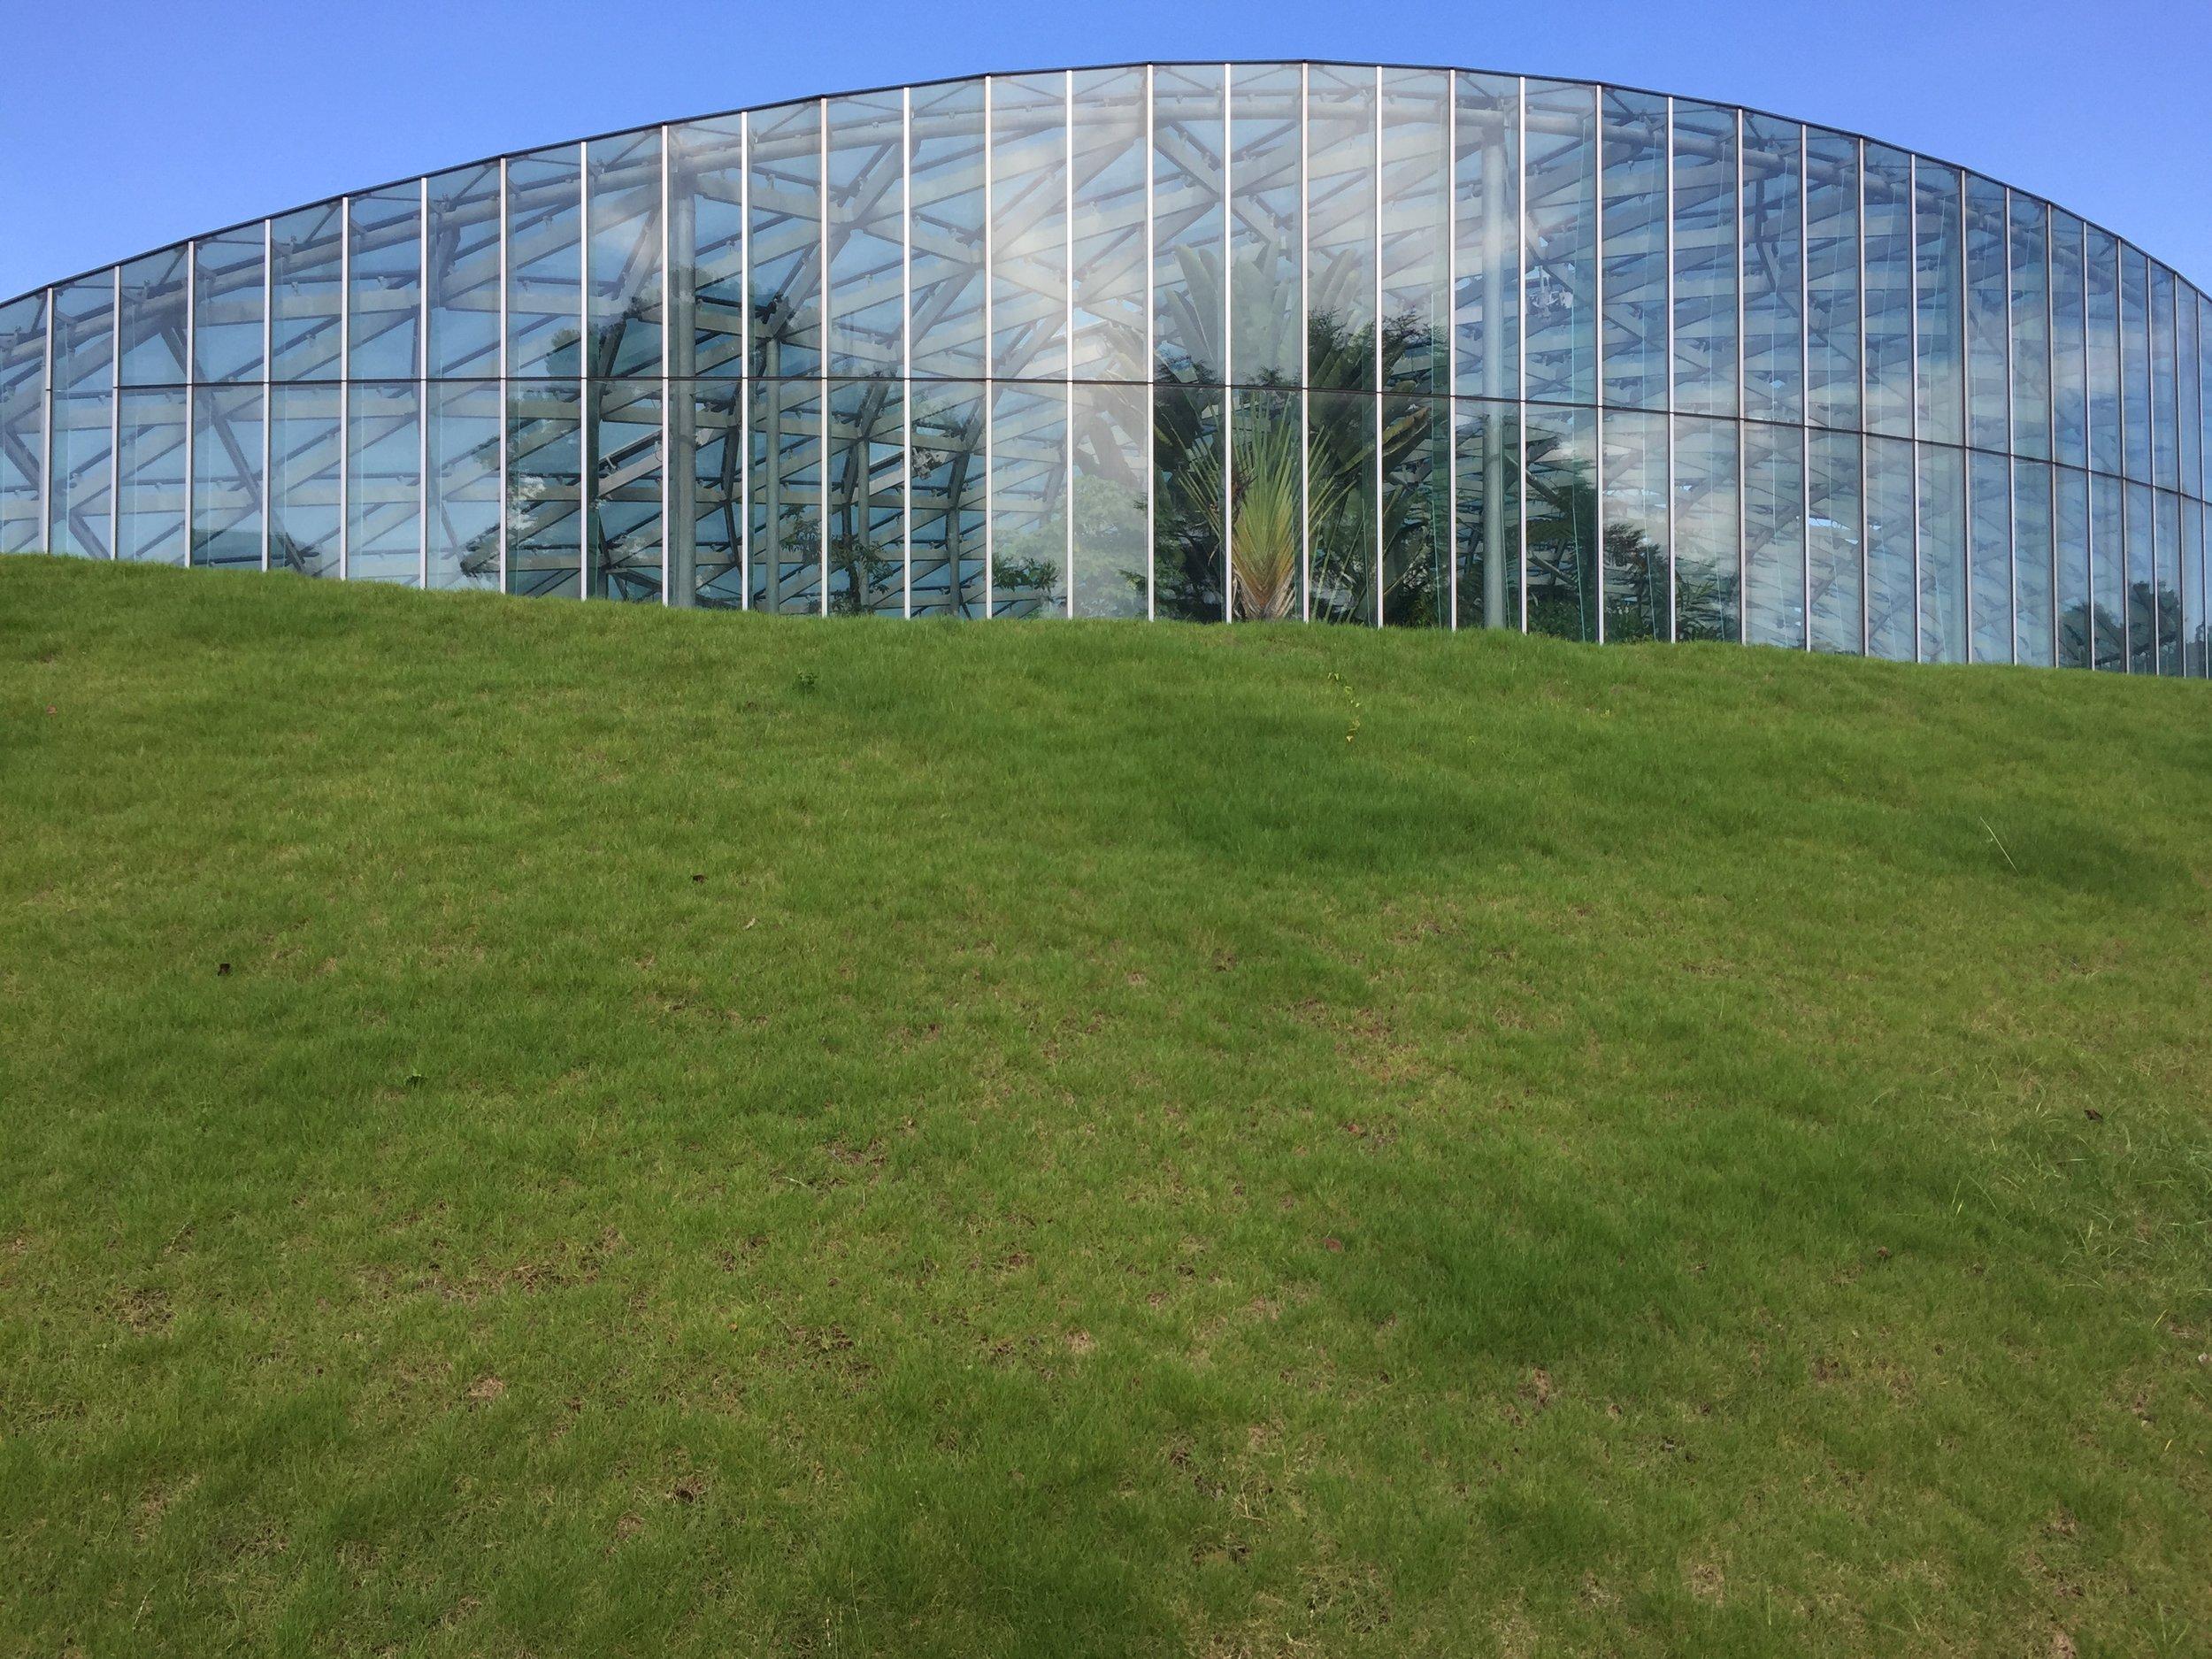 Yumenoshima Tropical Greenhouse Dome